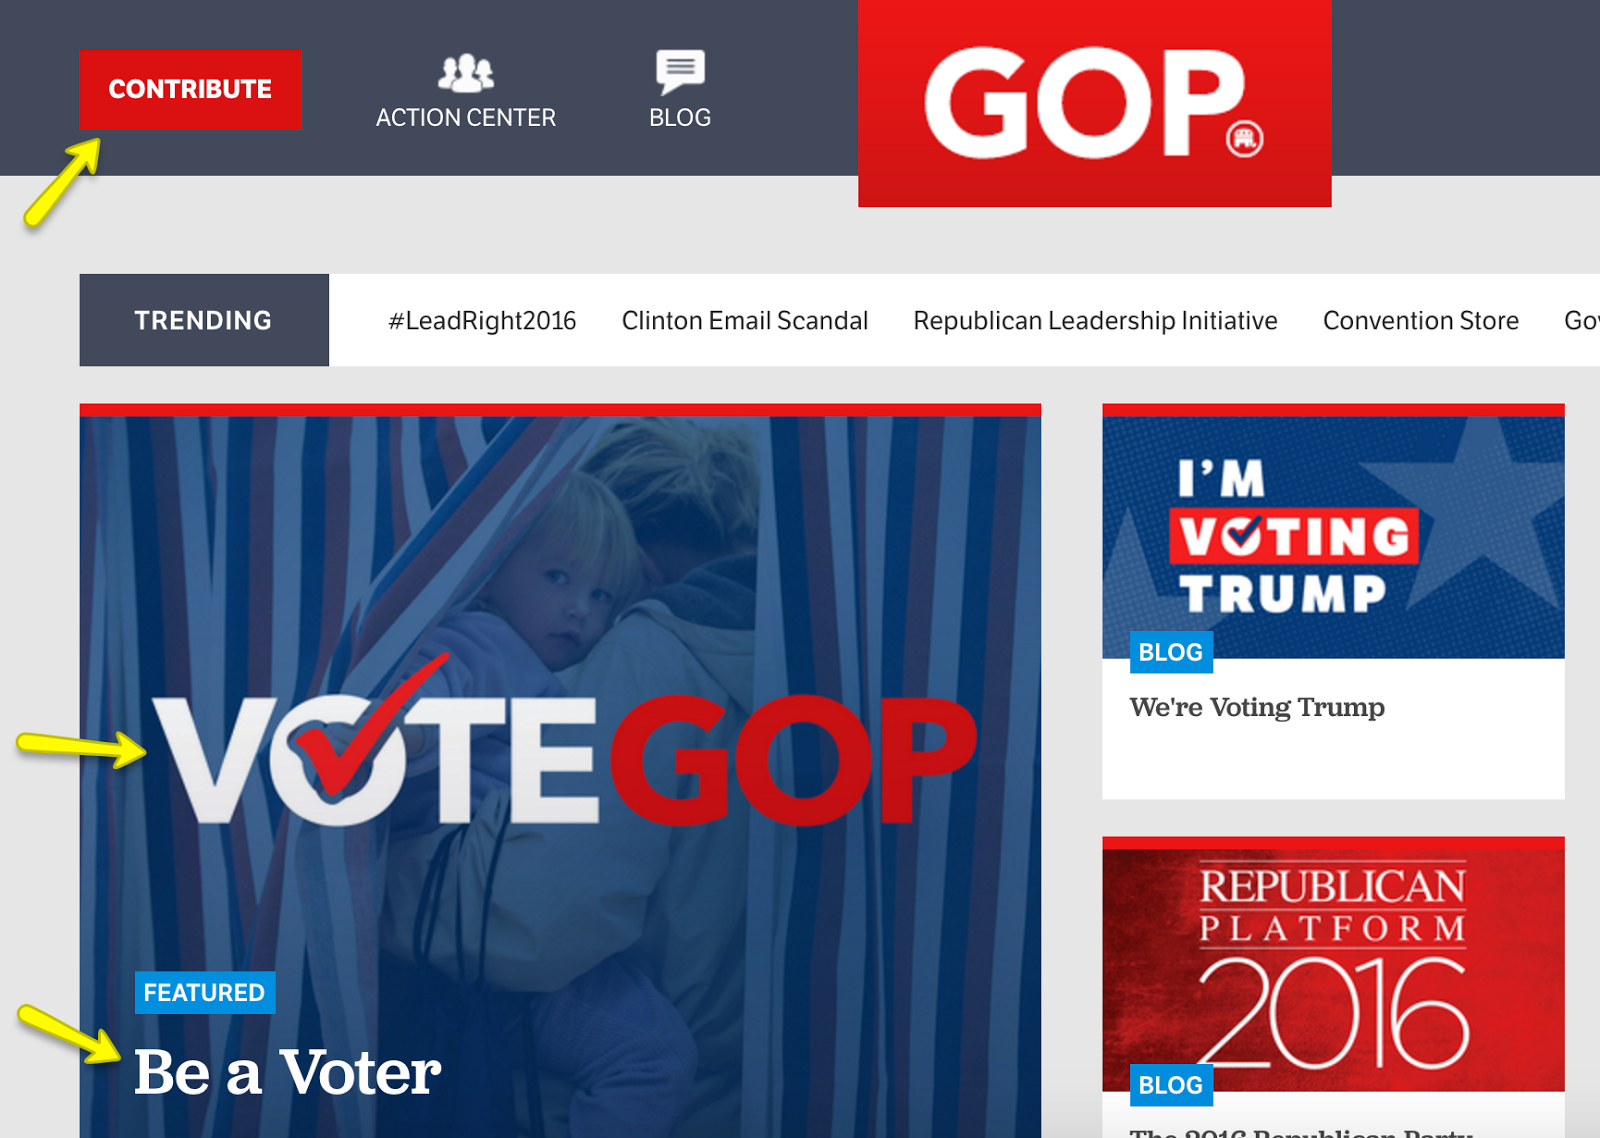 gop-vote-marketing-funnel.png